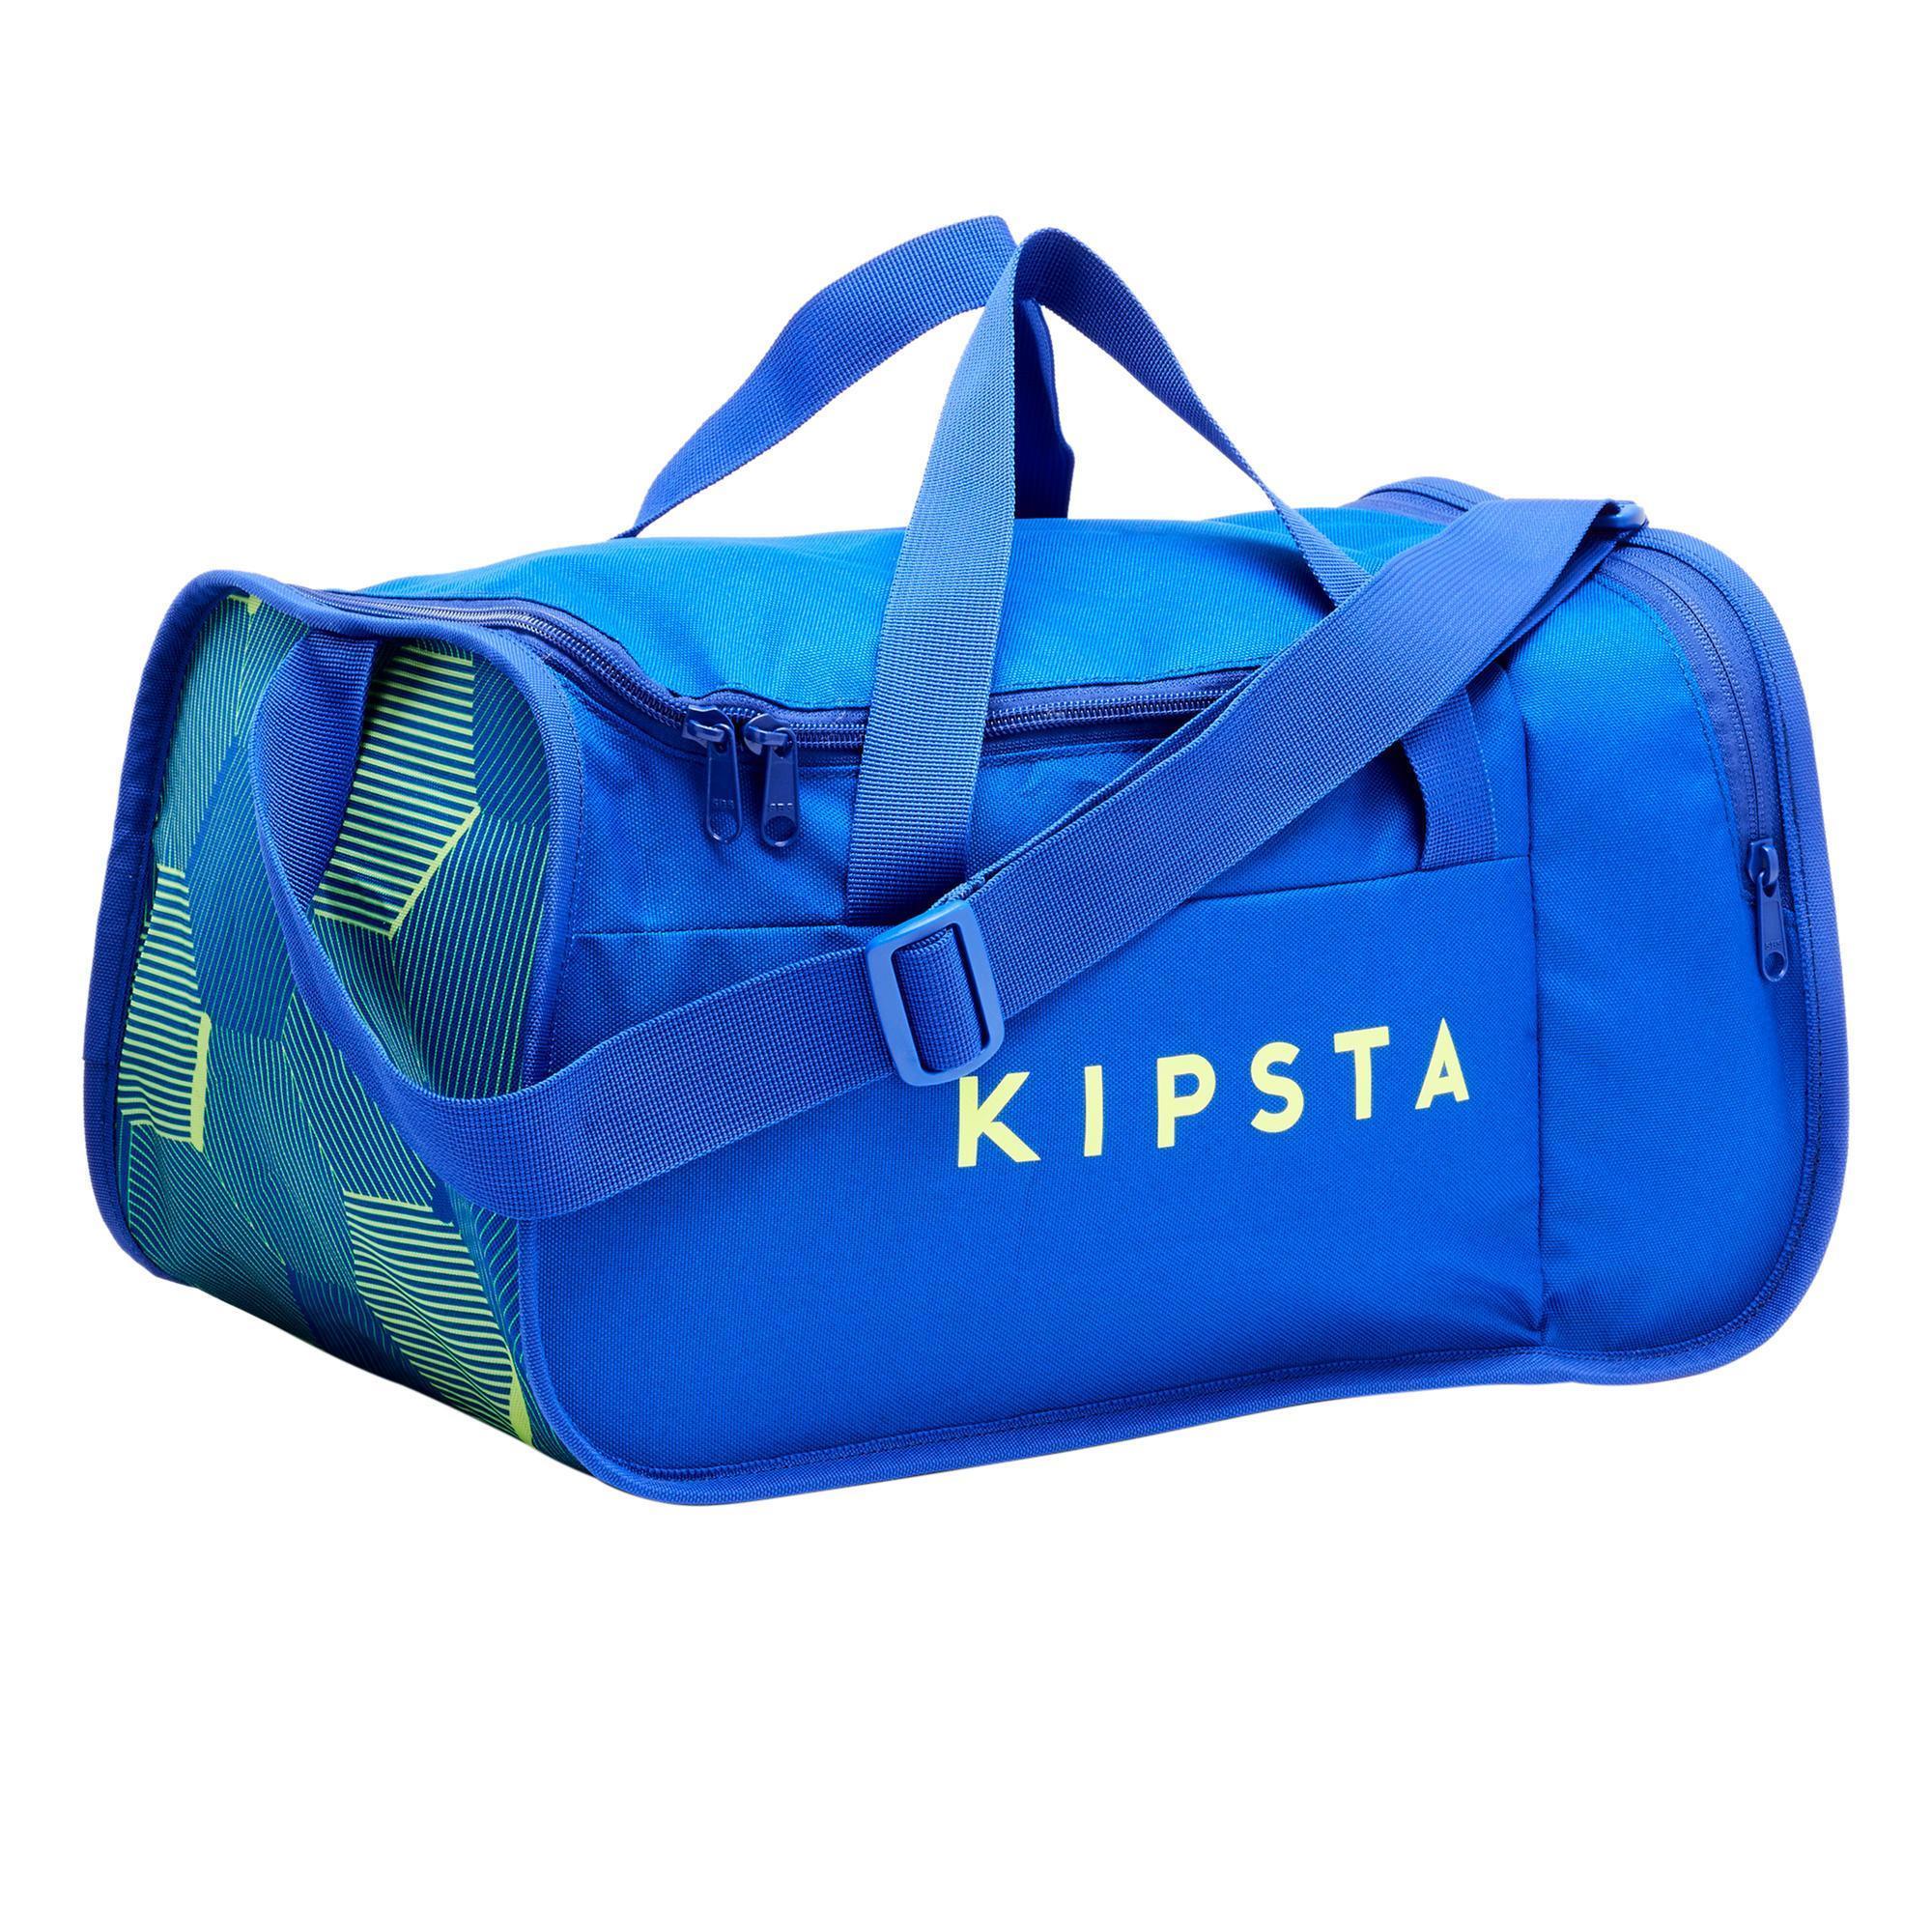 Sac de sport Kipocket 20 litres bleu et